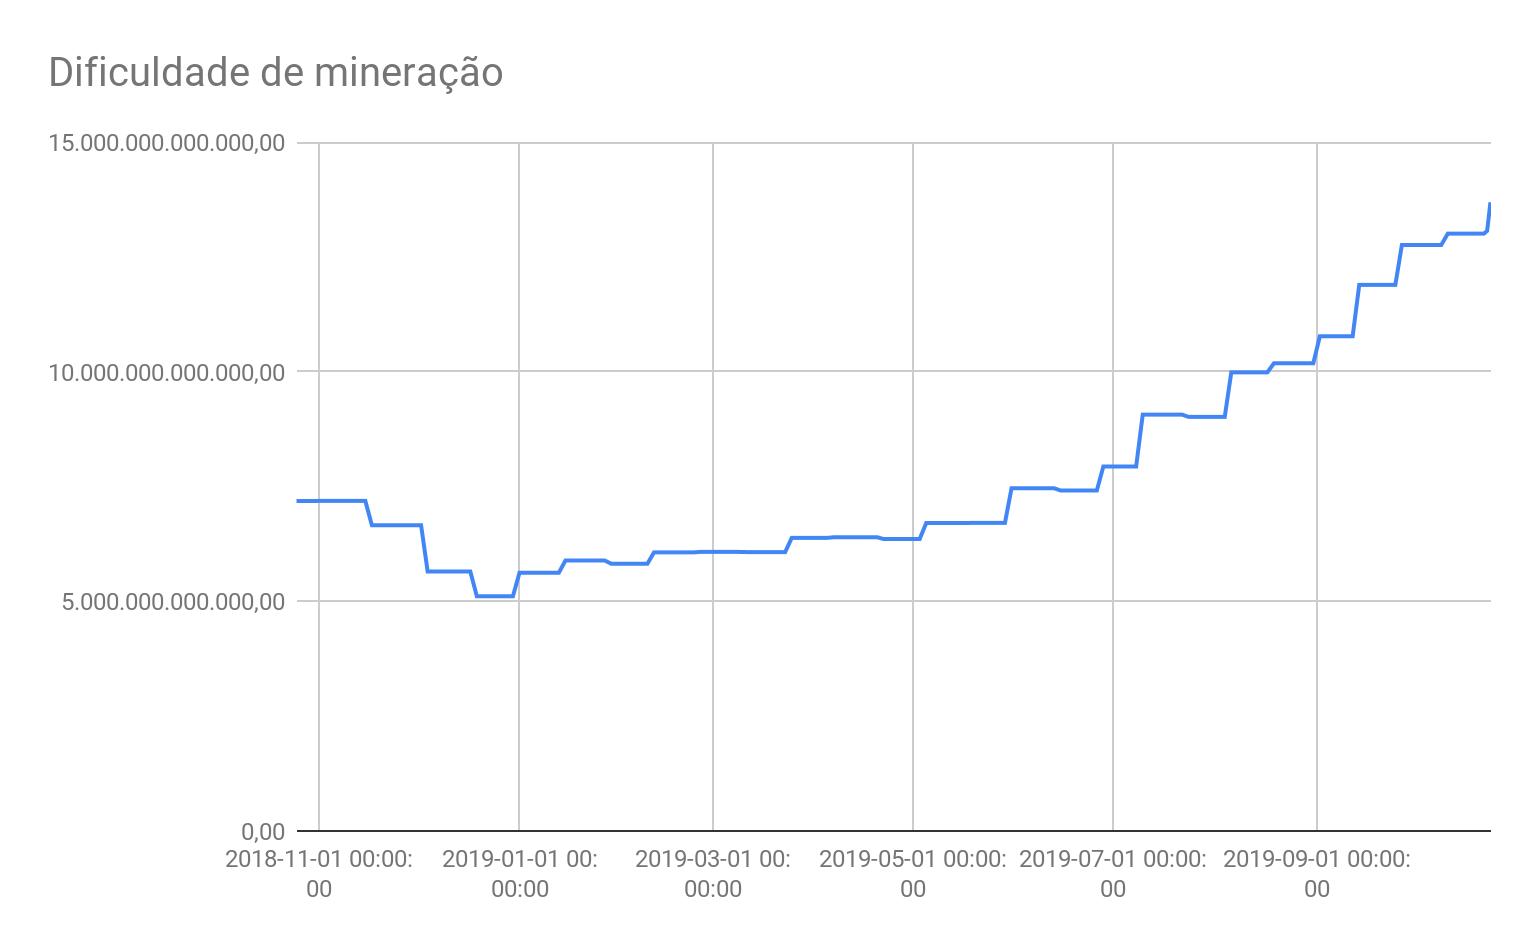 Dificuldade crescente de mineração do Bitcoin